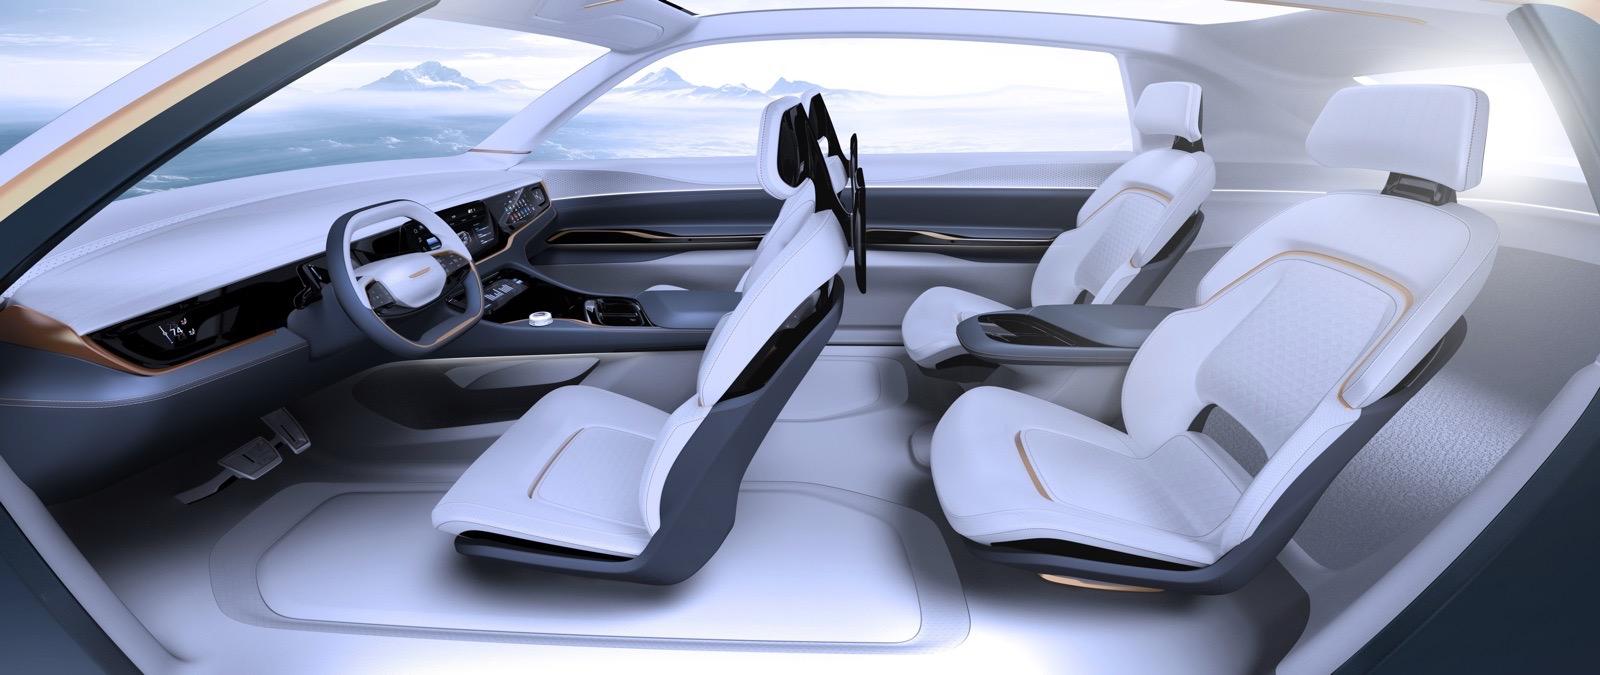 Fiat Chrysler Airflow Vision concept car